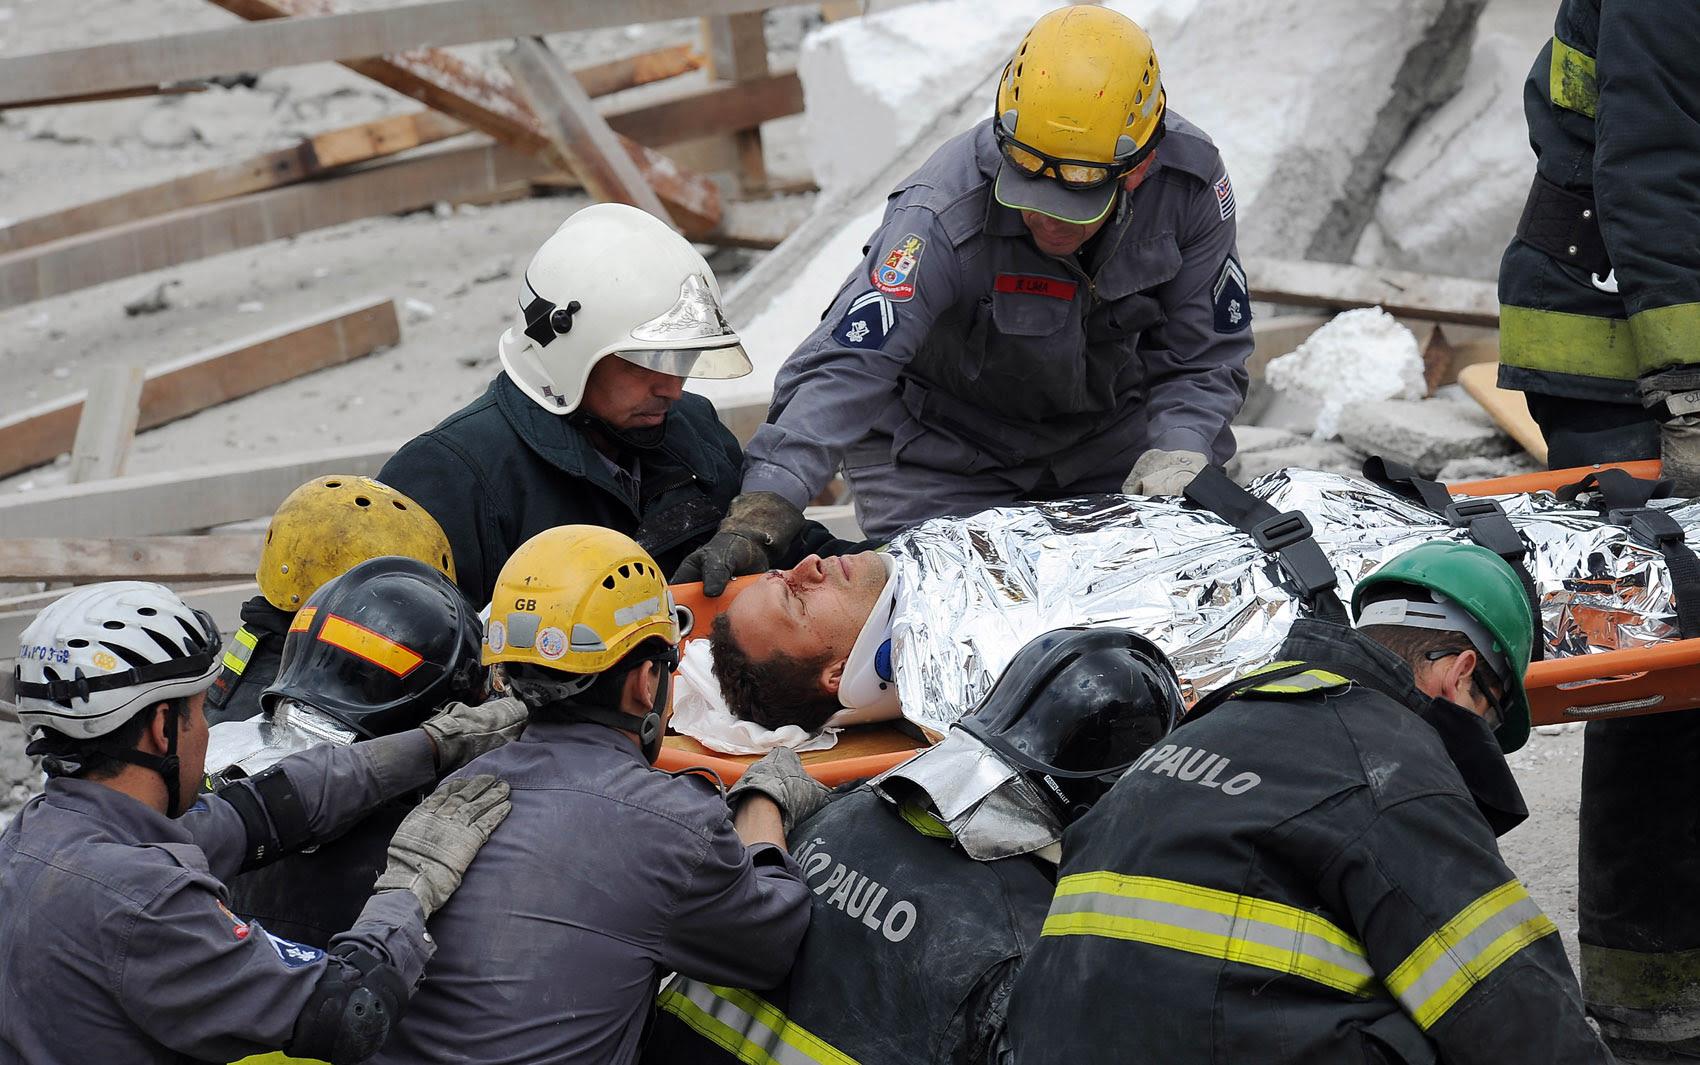 Bombeiros retiram homem ferido dos escombros do desabamento em São Paulo.